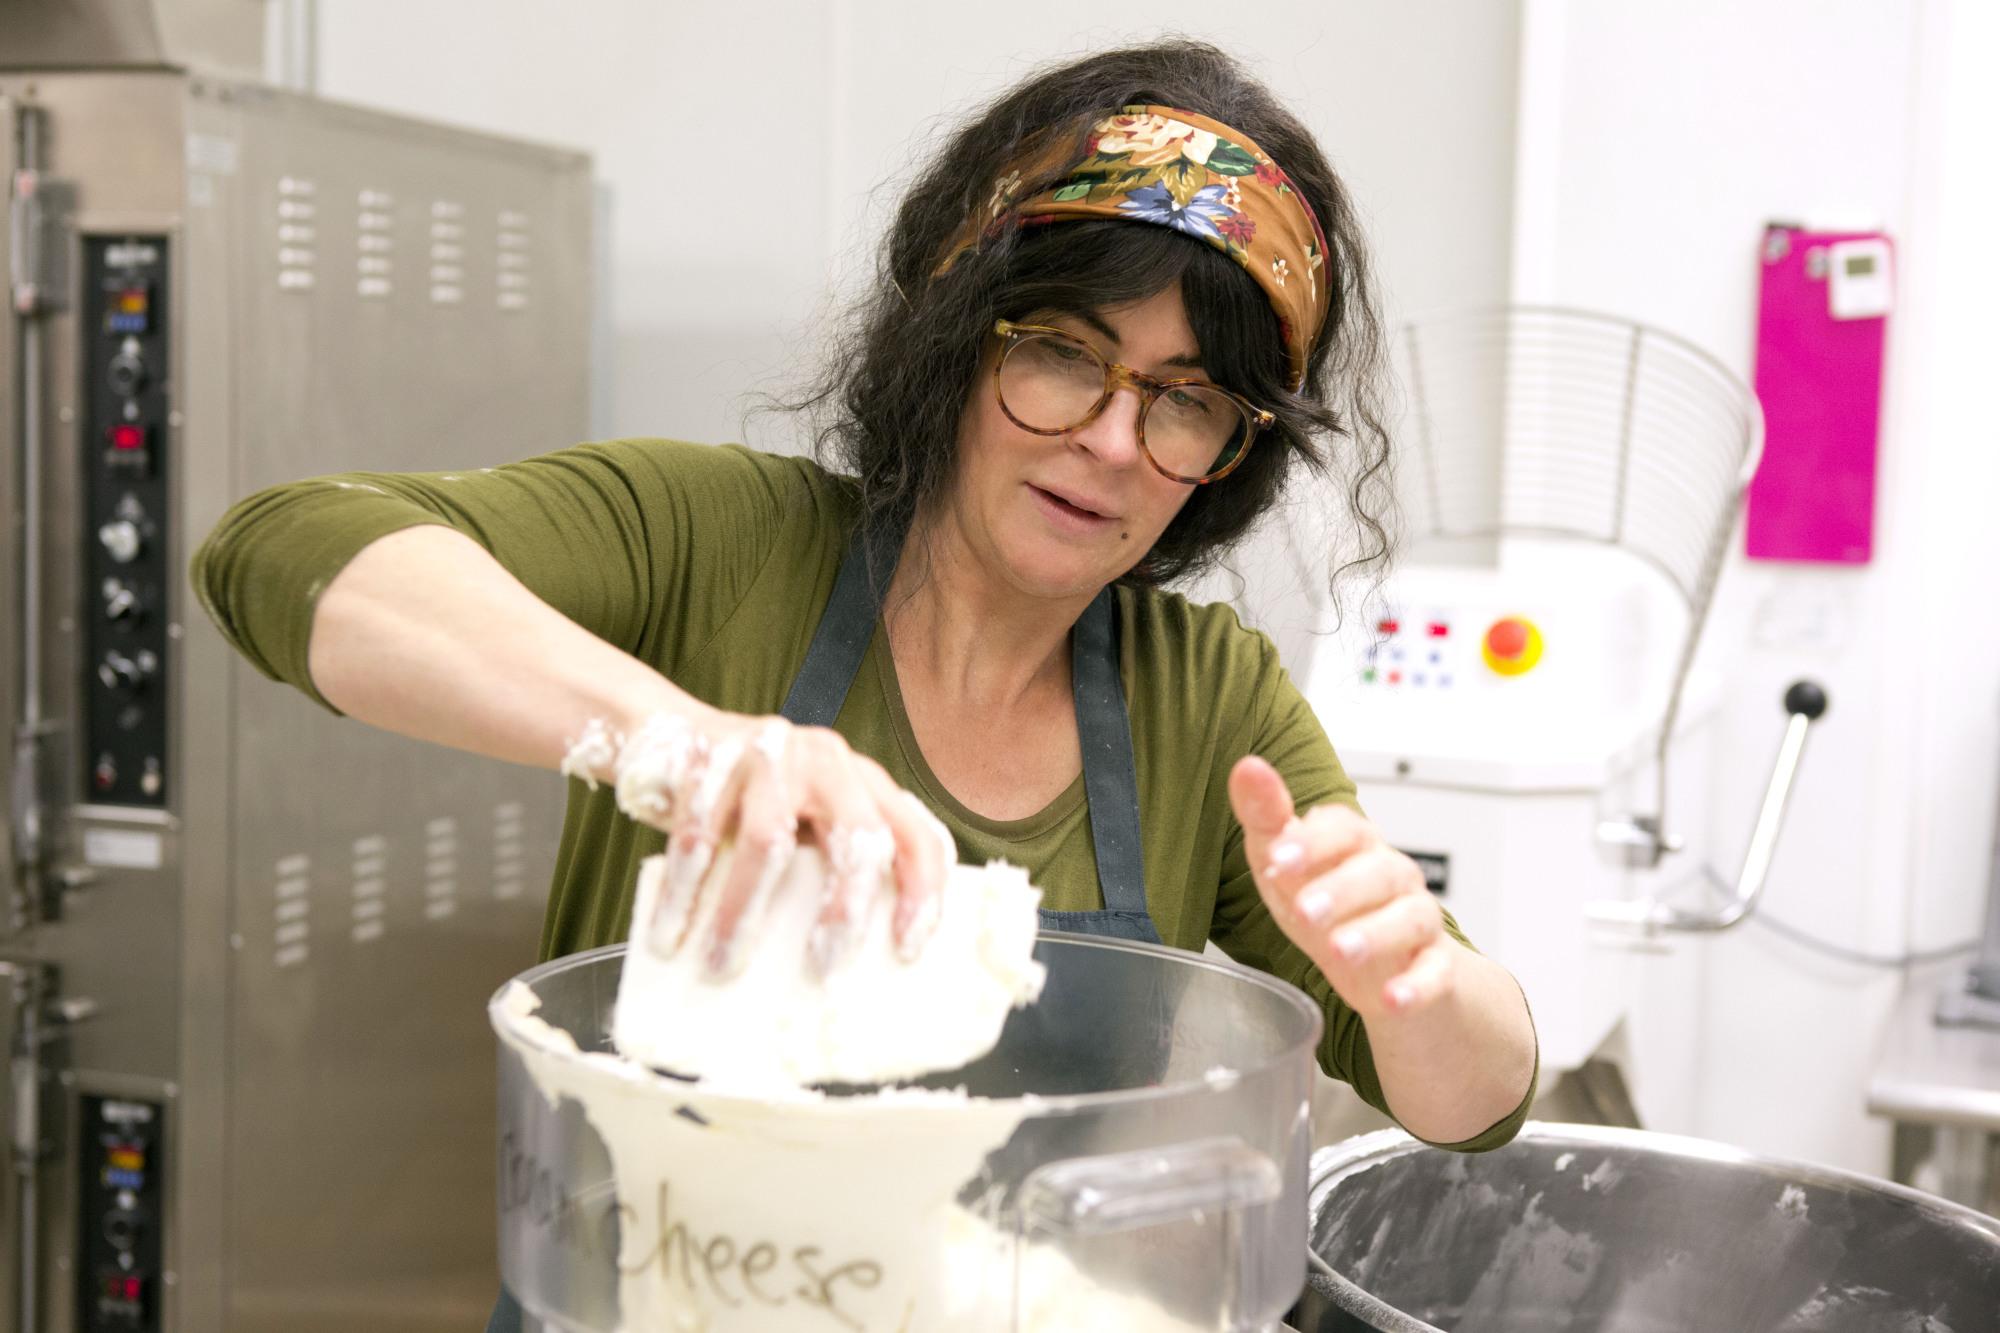 Mixing cupcakes